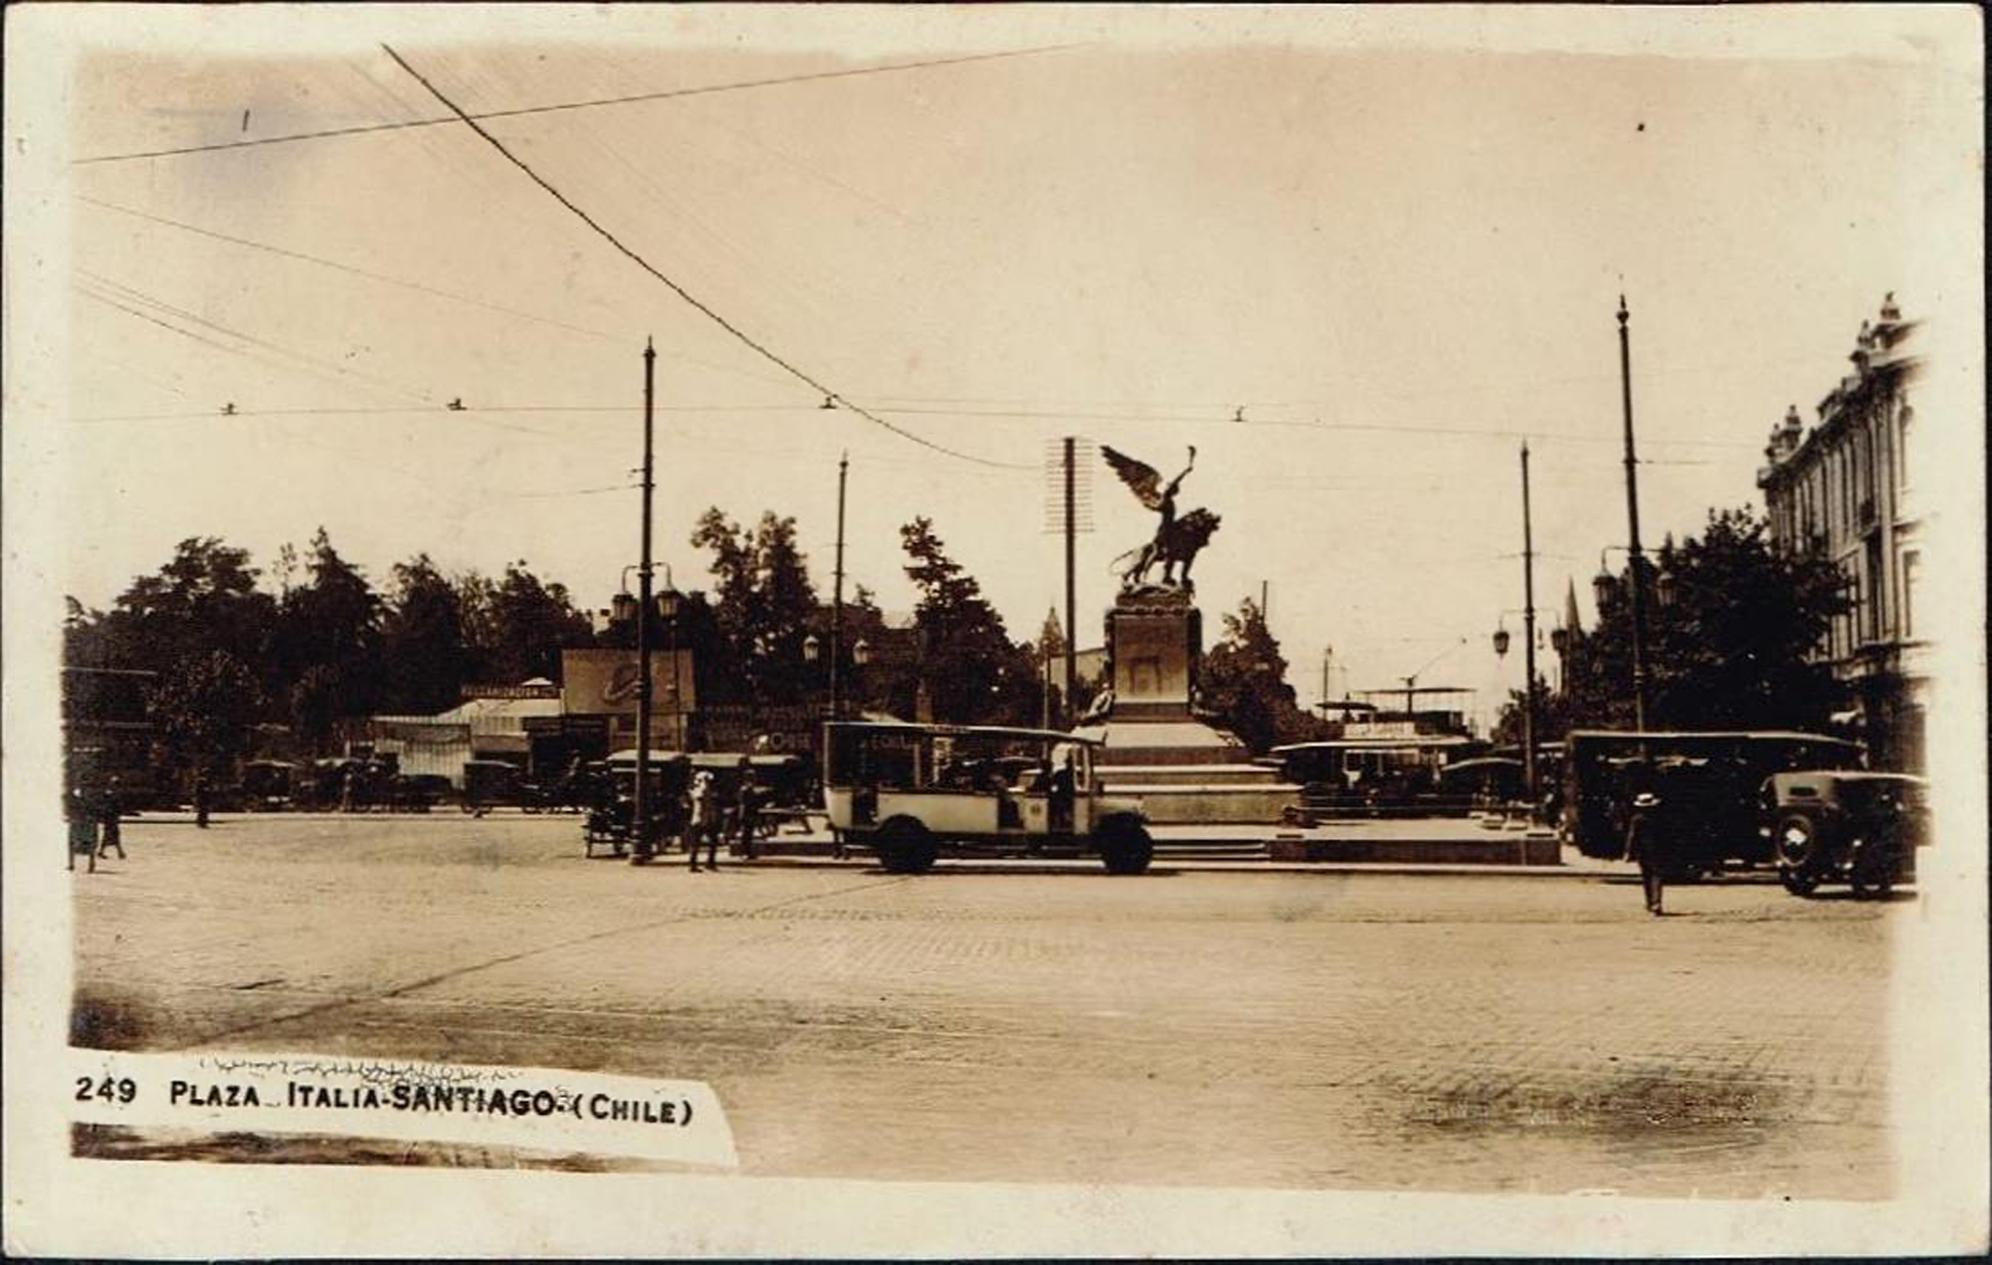 Enterreno - Fotos históricas de chile - fotos antiguas de Chile - Plaza Italia de Santiago en 1926